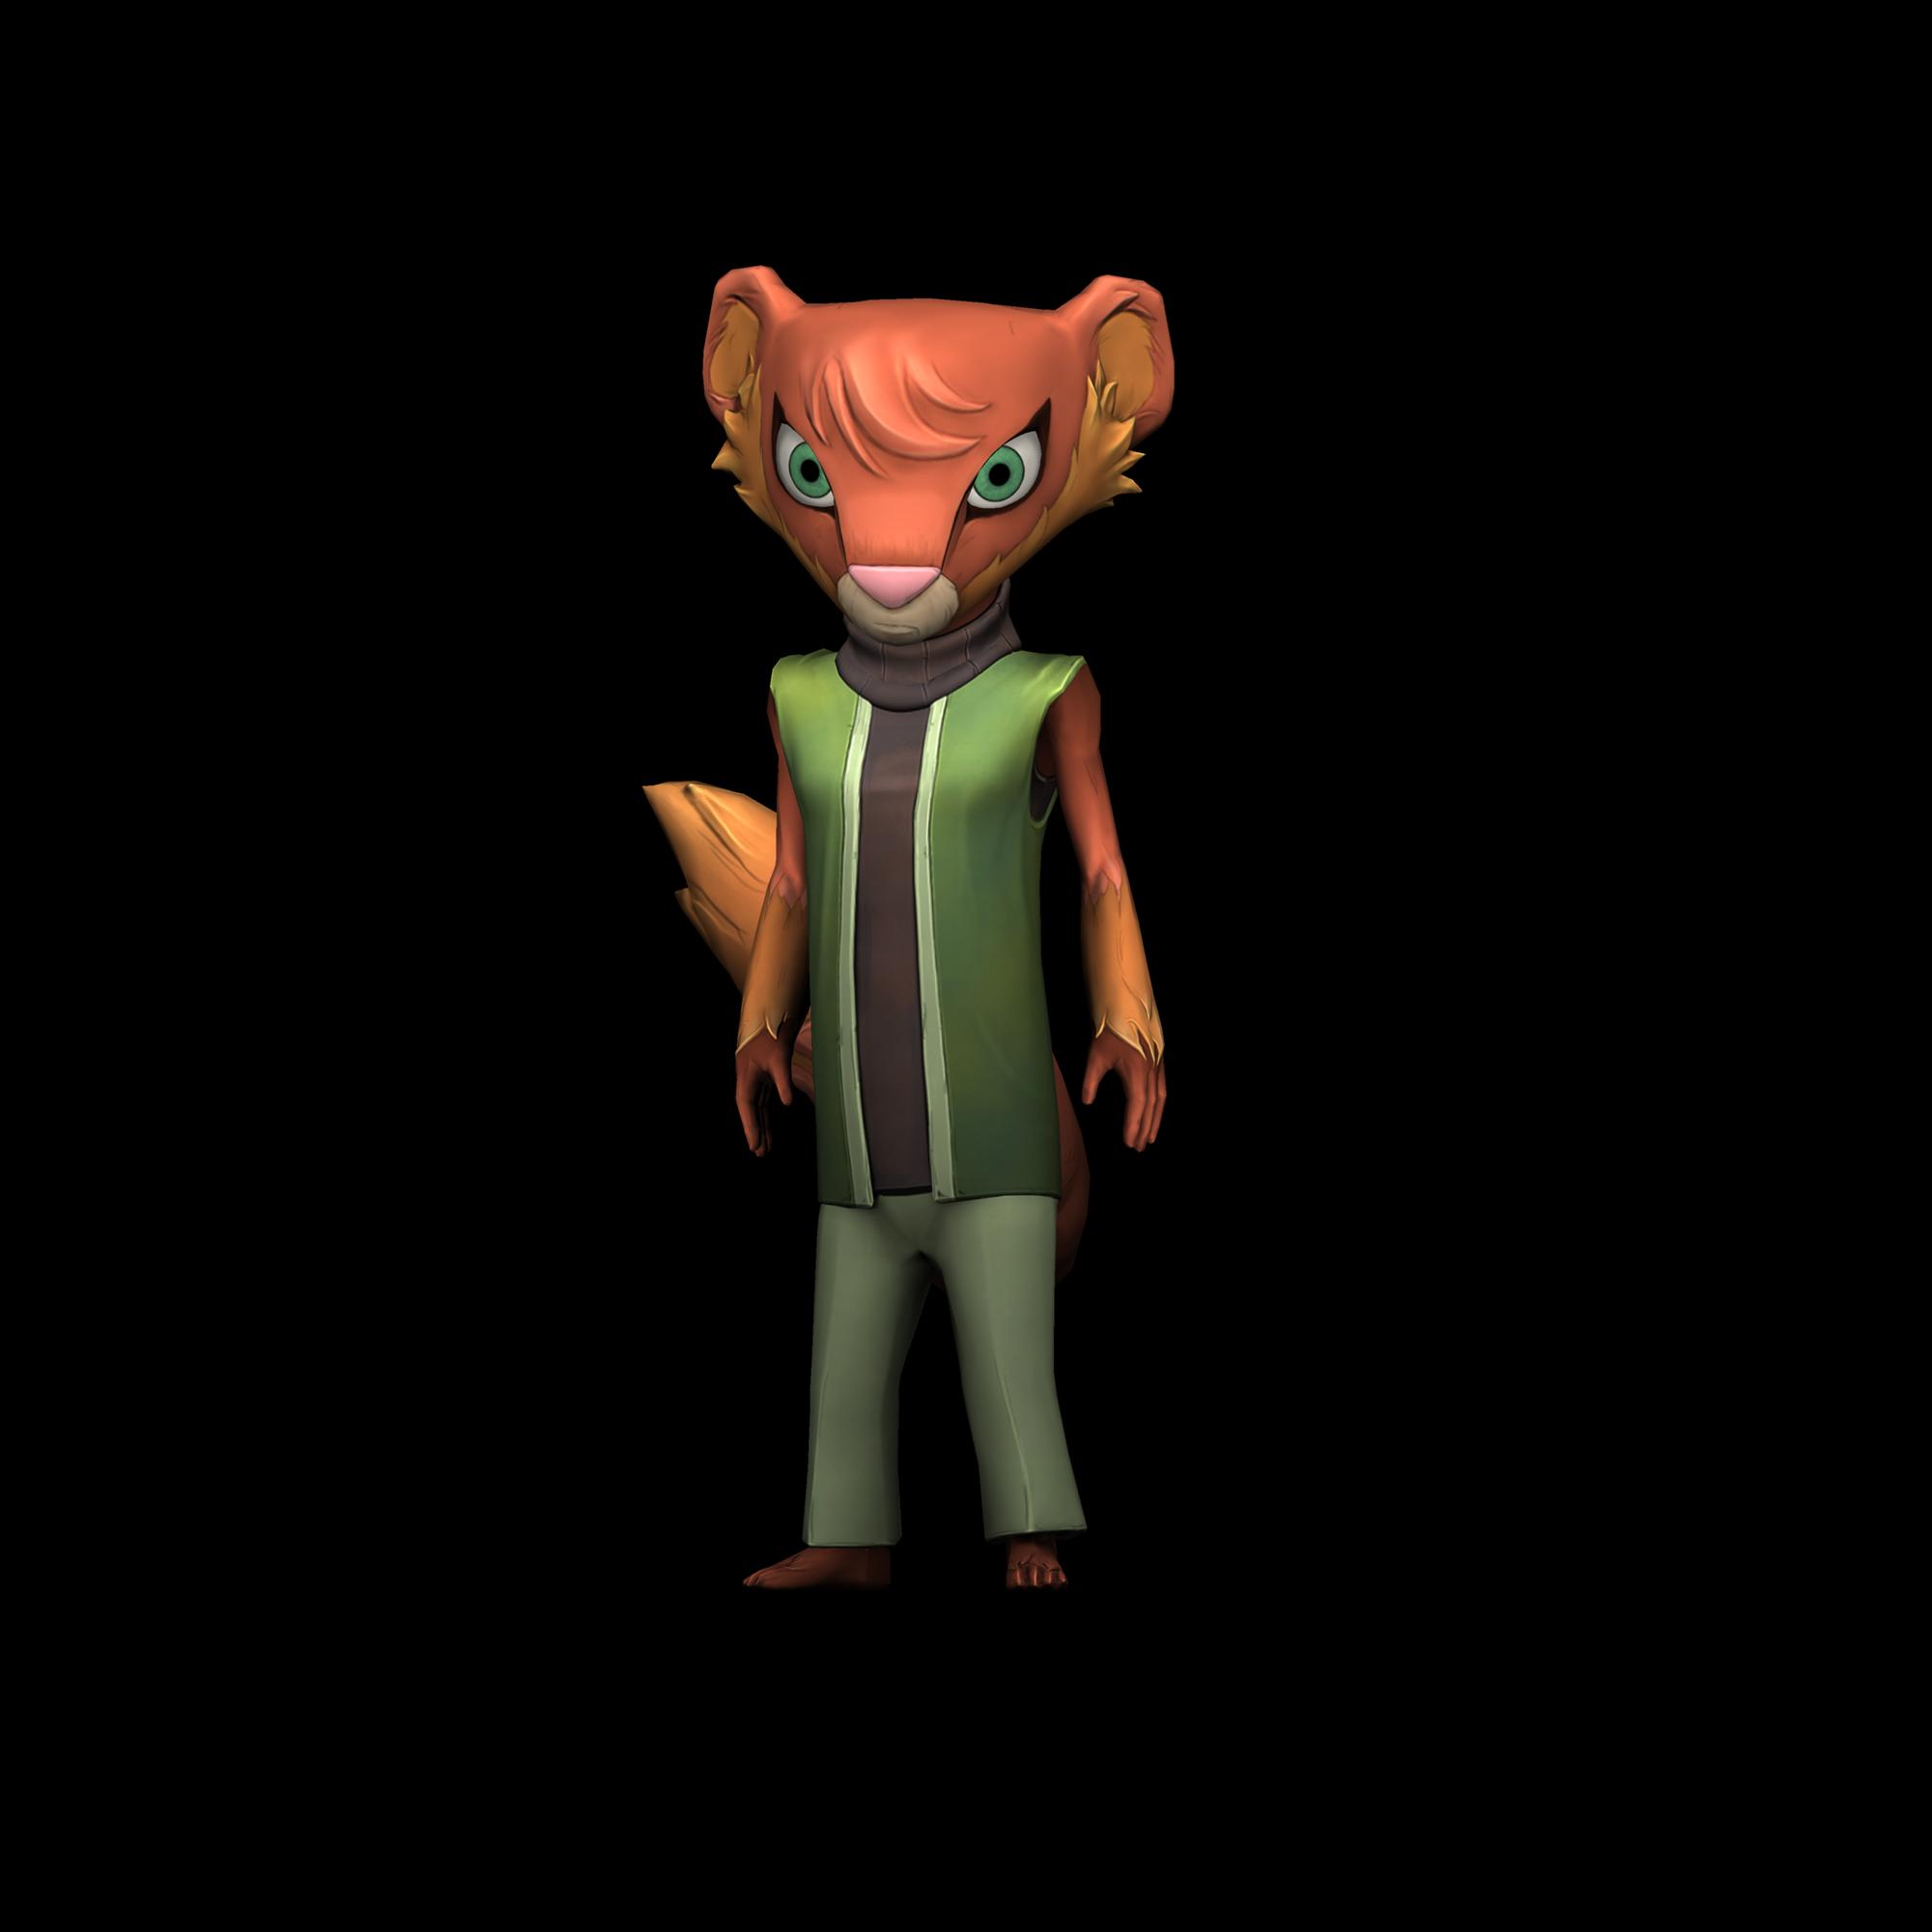 Weasel-lady-0000-2000-2000